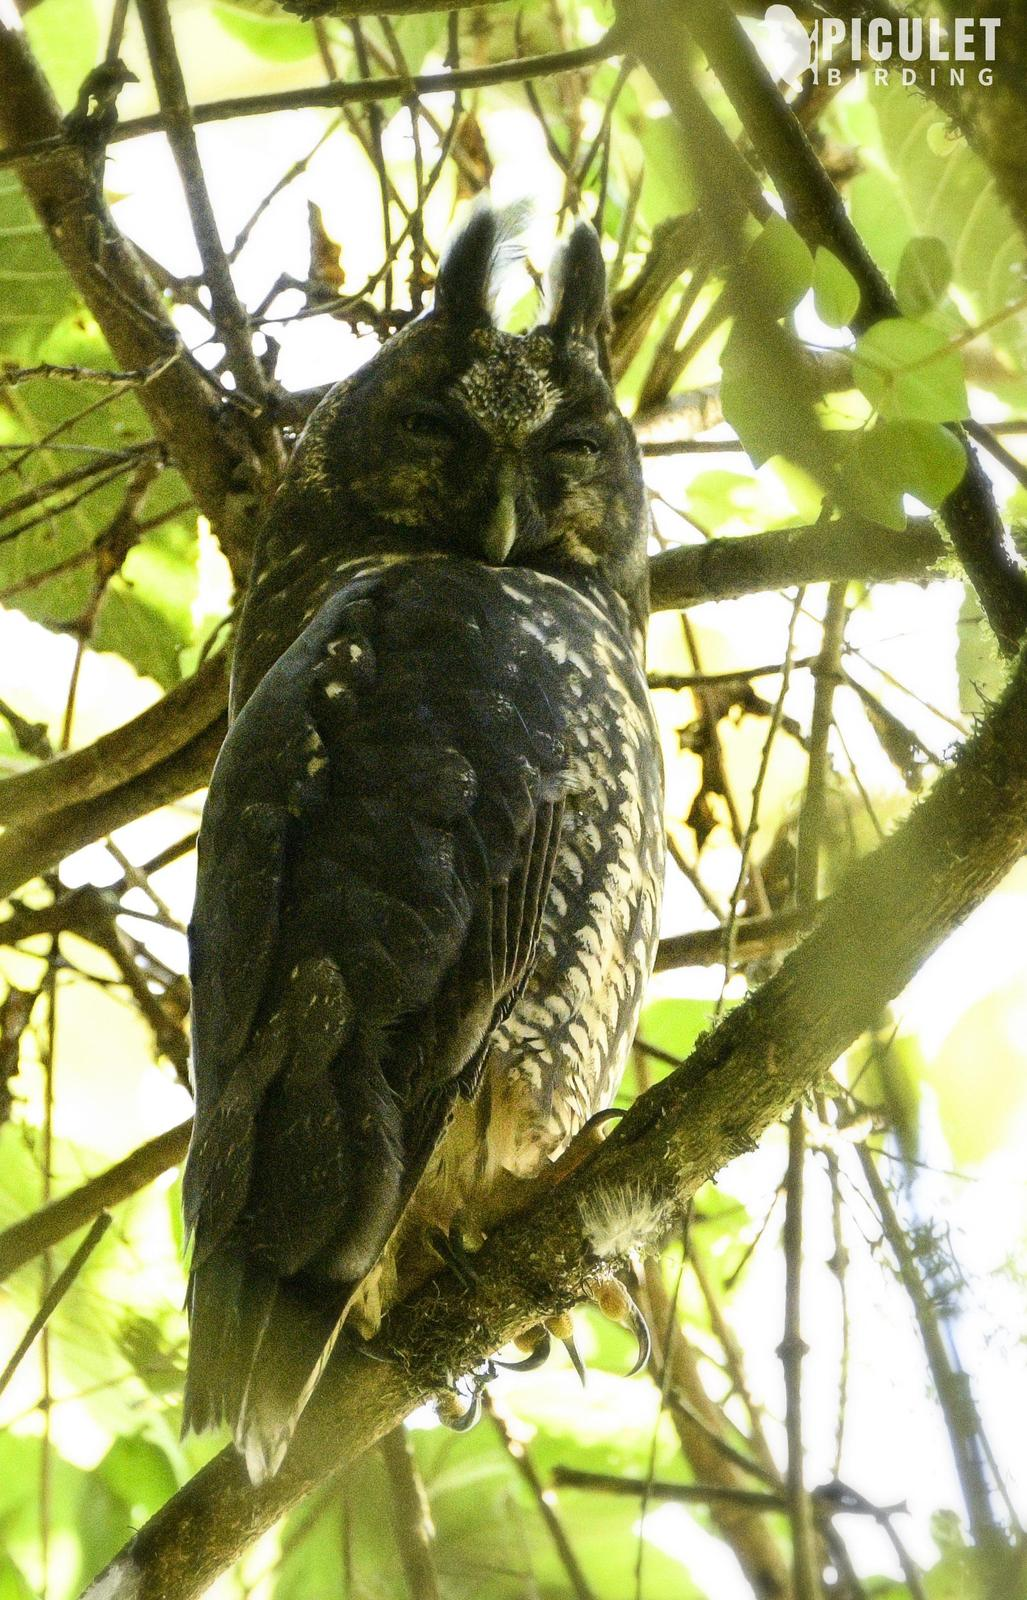 Stygian Owl Photo by Julio Delgado